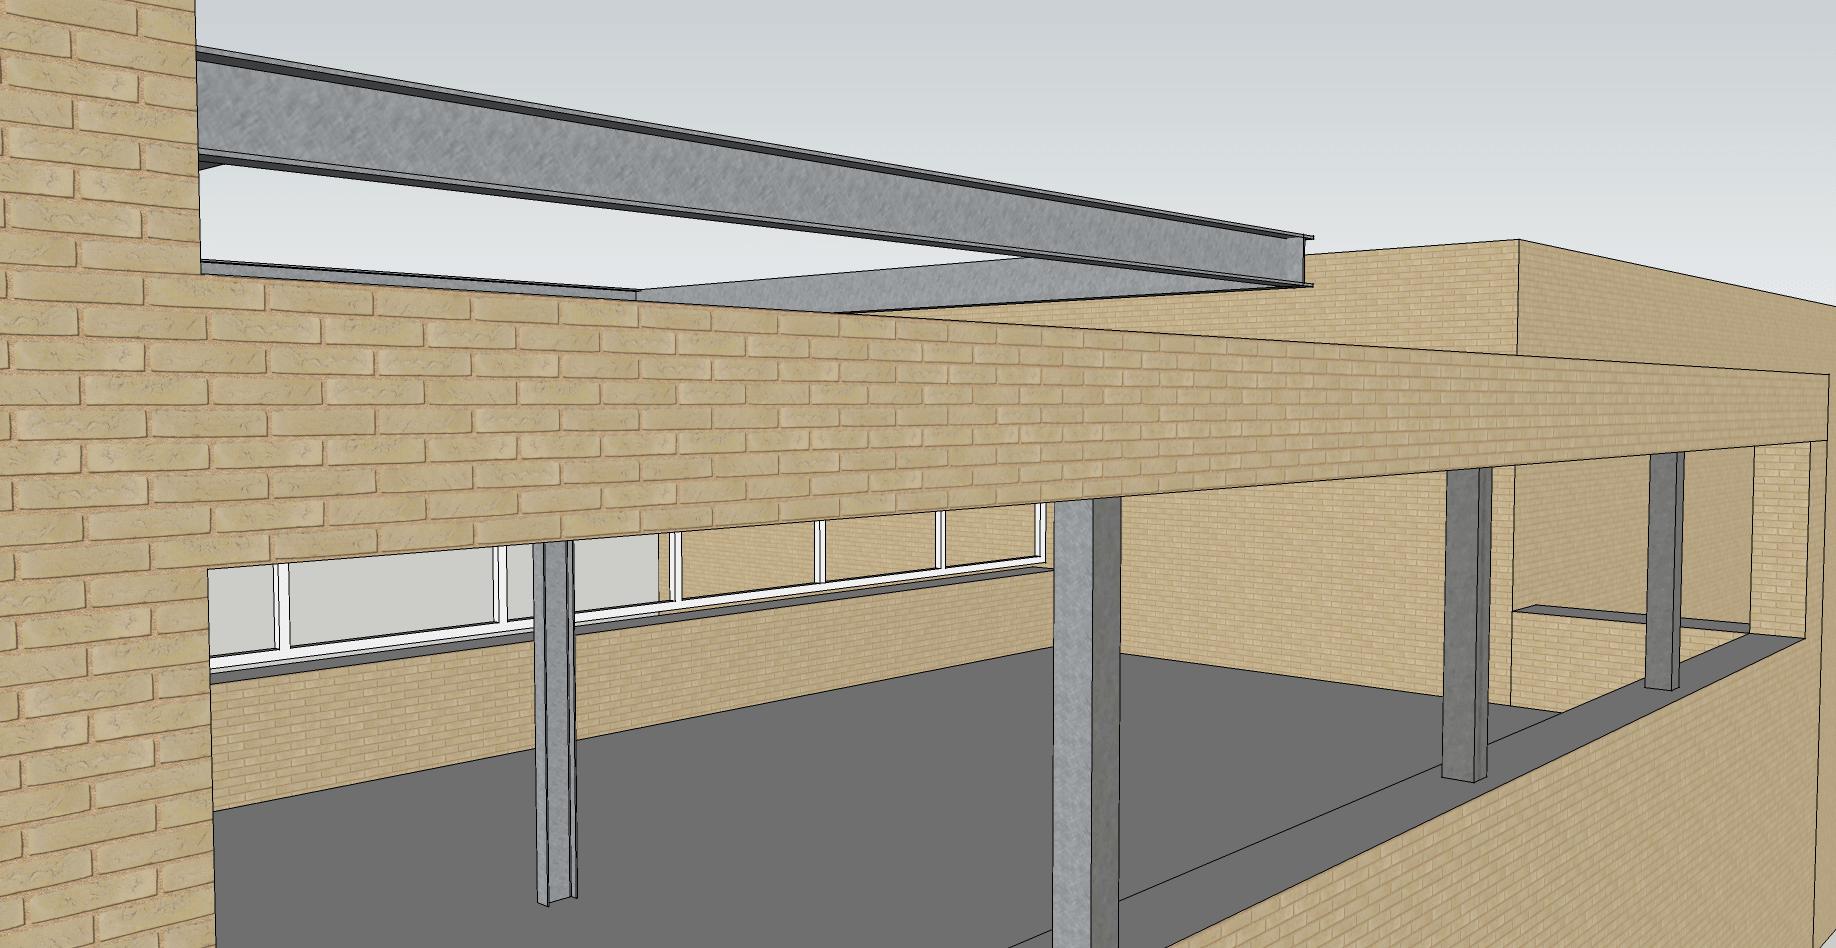 Aanbouw Pergola-constructie woonhuis te Oegstgeest